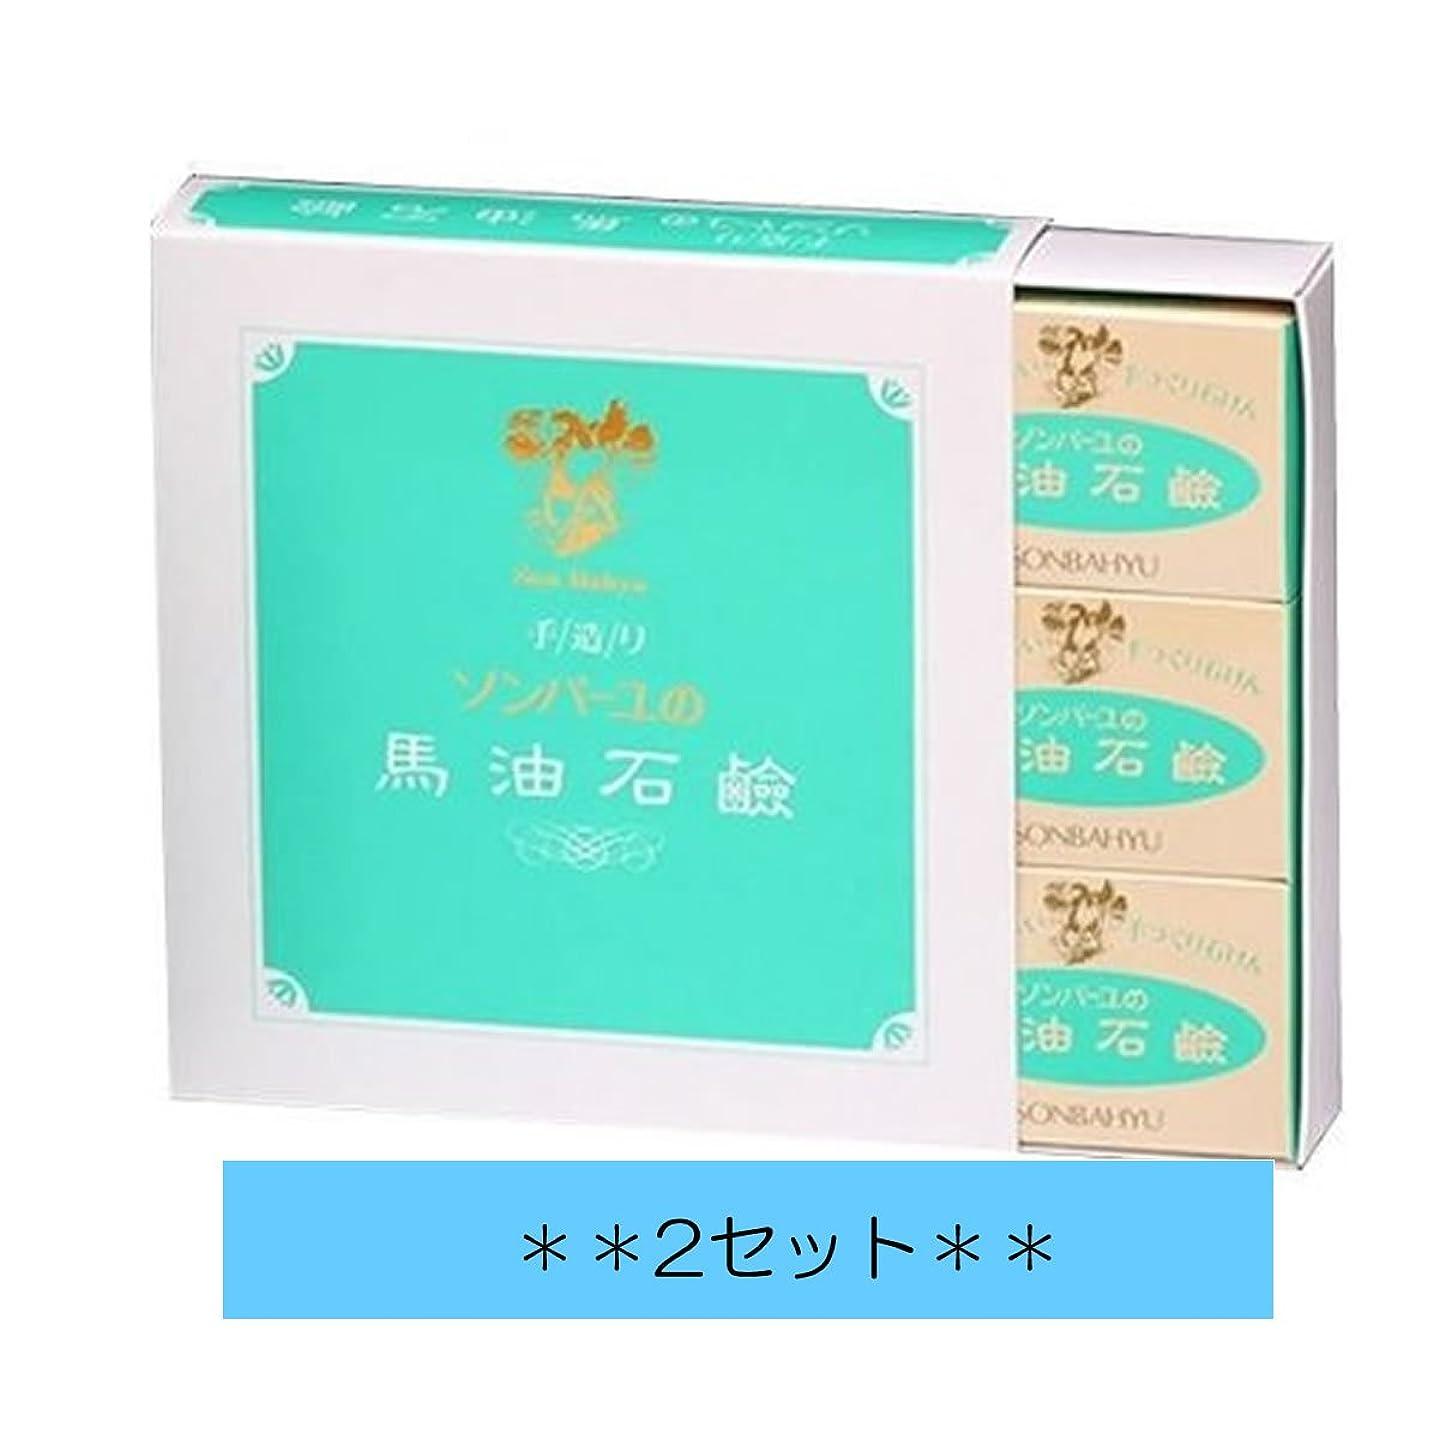 偽物トースト海里【2箱セット】ソンバーユ石鹸 85g×6個